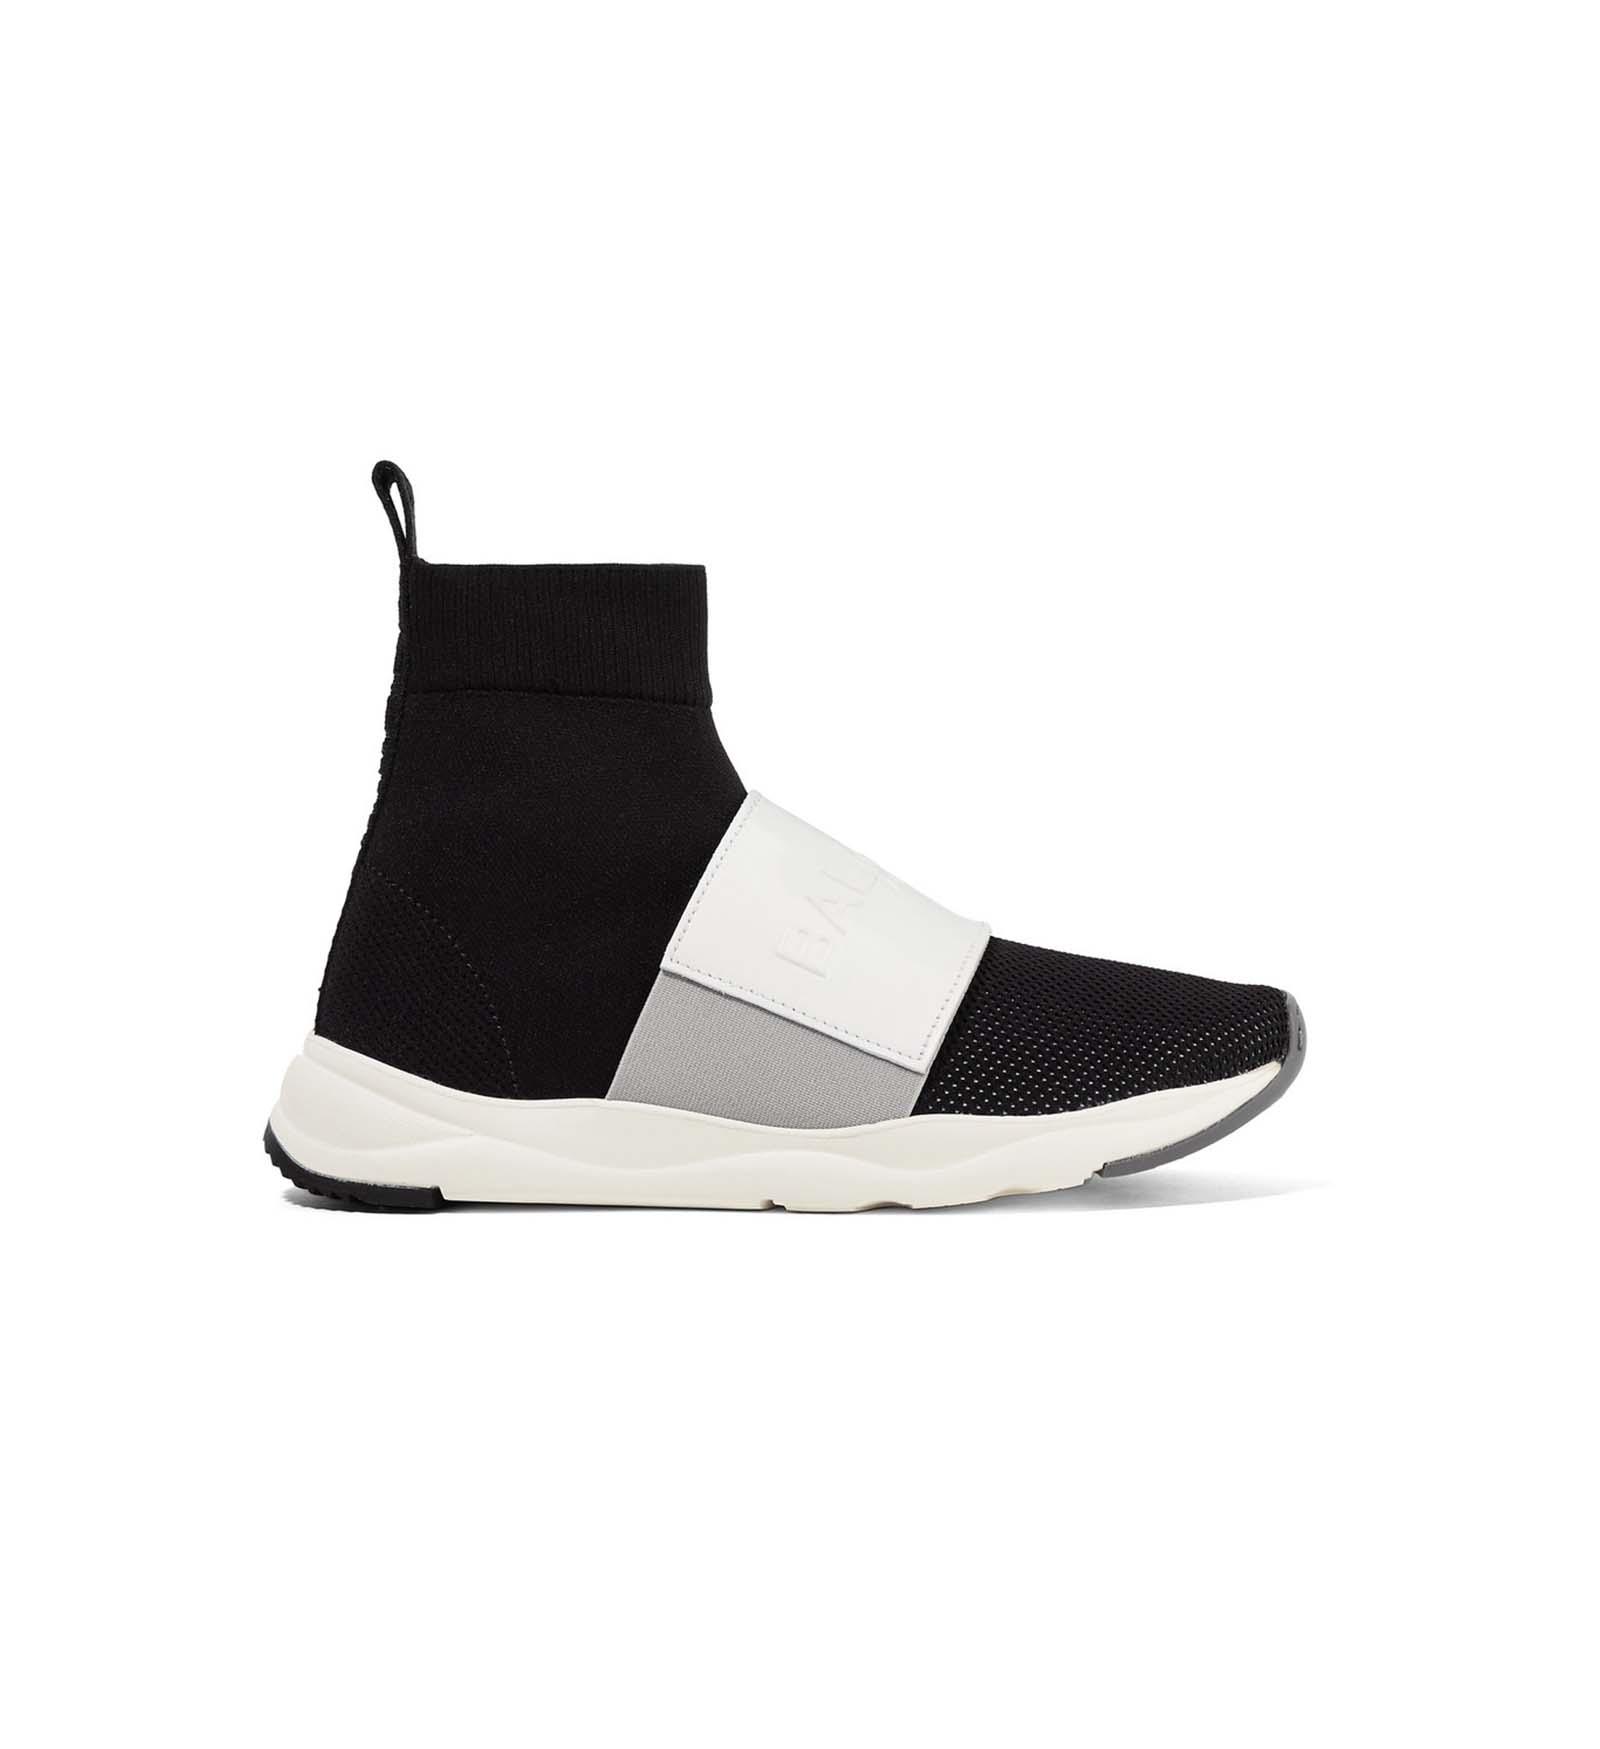 26.03.2018 Trend_Sneaker_NewsCred_1160x1740_5.jpg